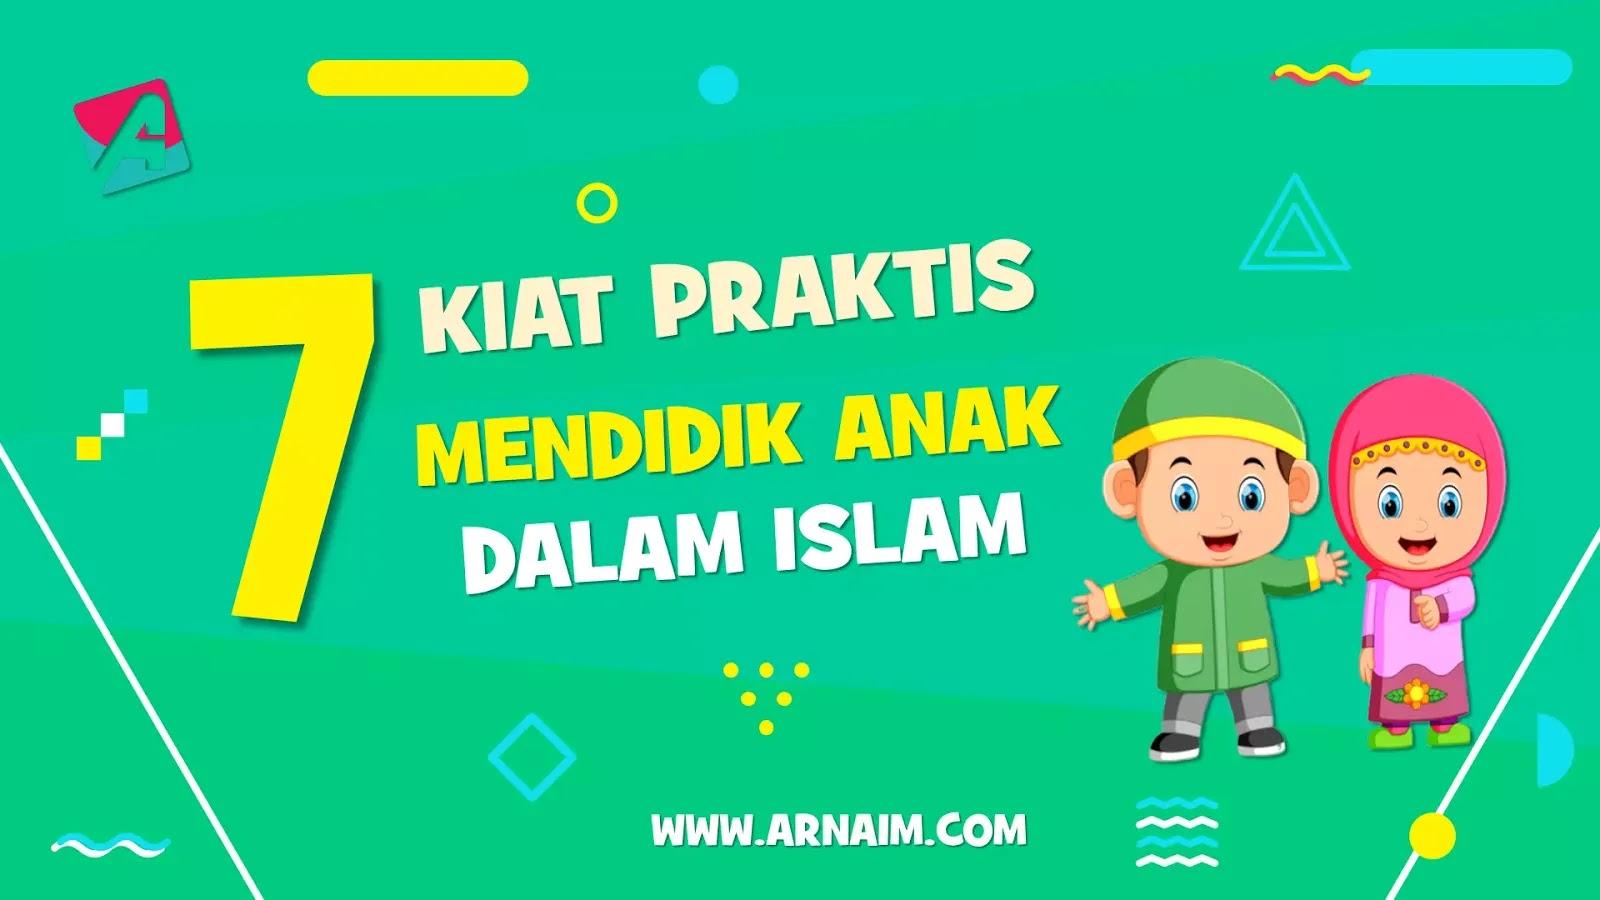 7 Kiat Praktis Mendidik Anak dalam Islam - Arnaim.com